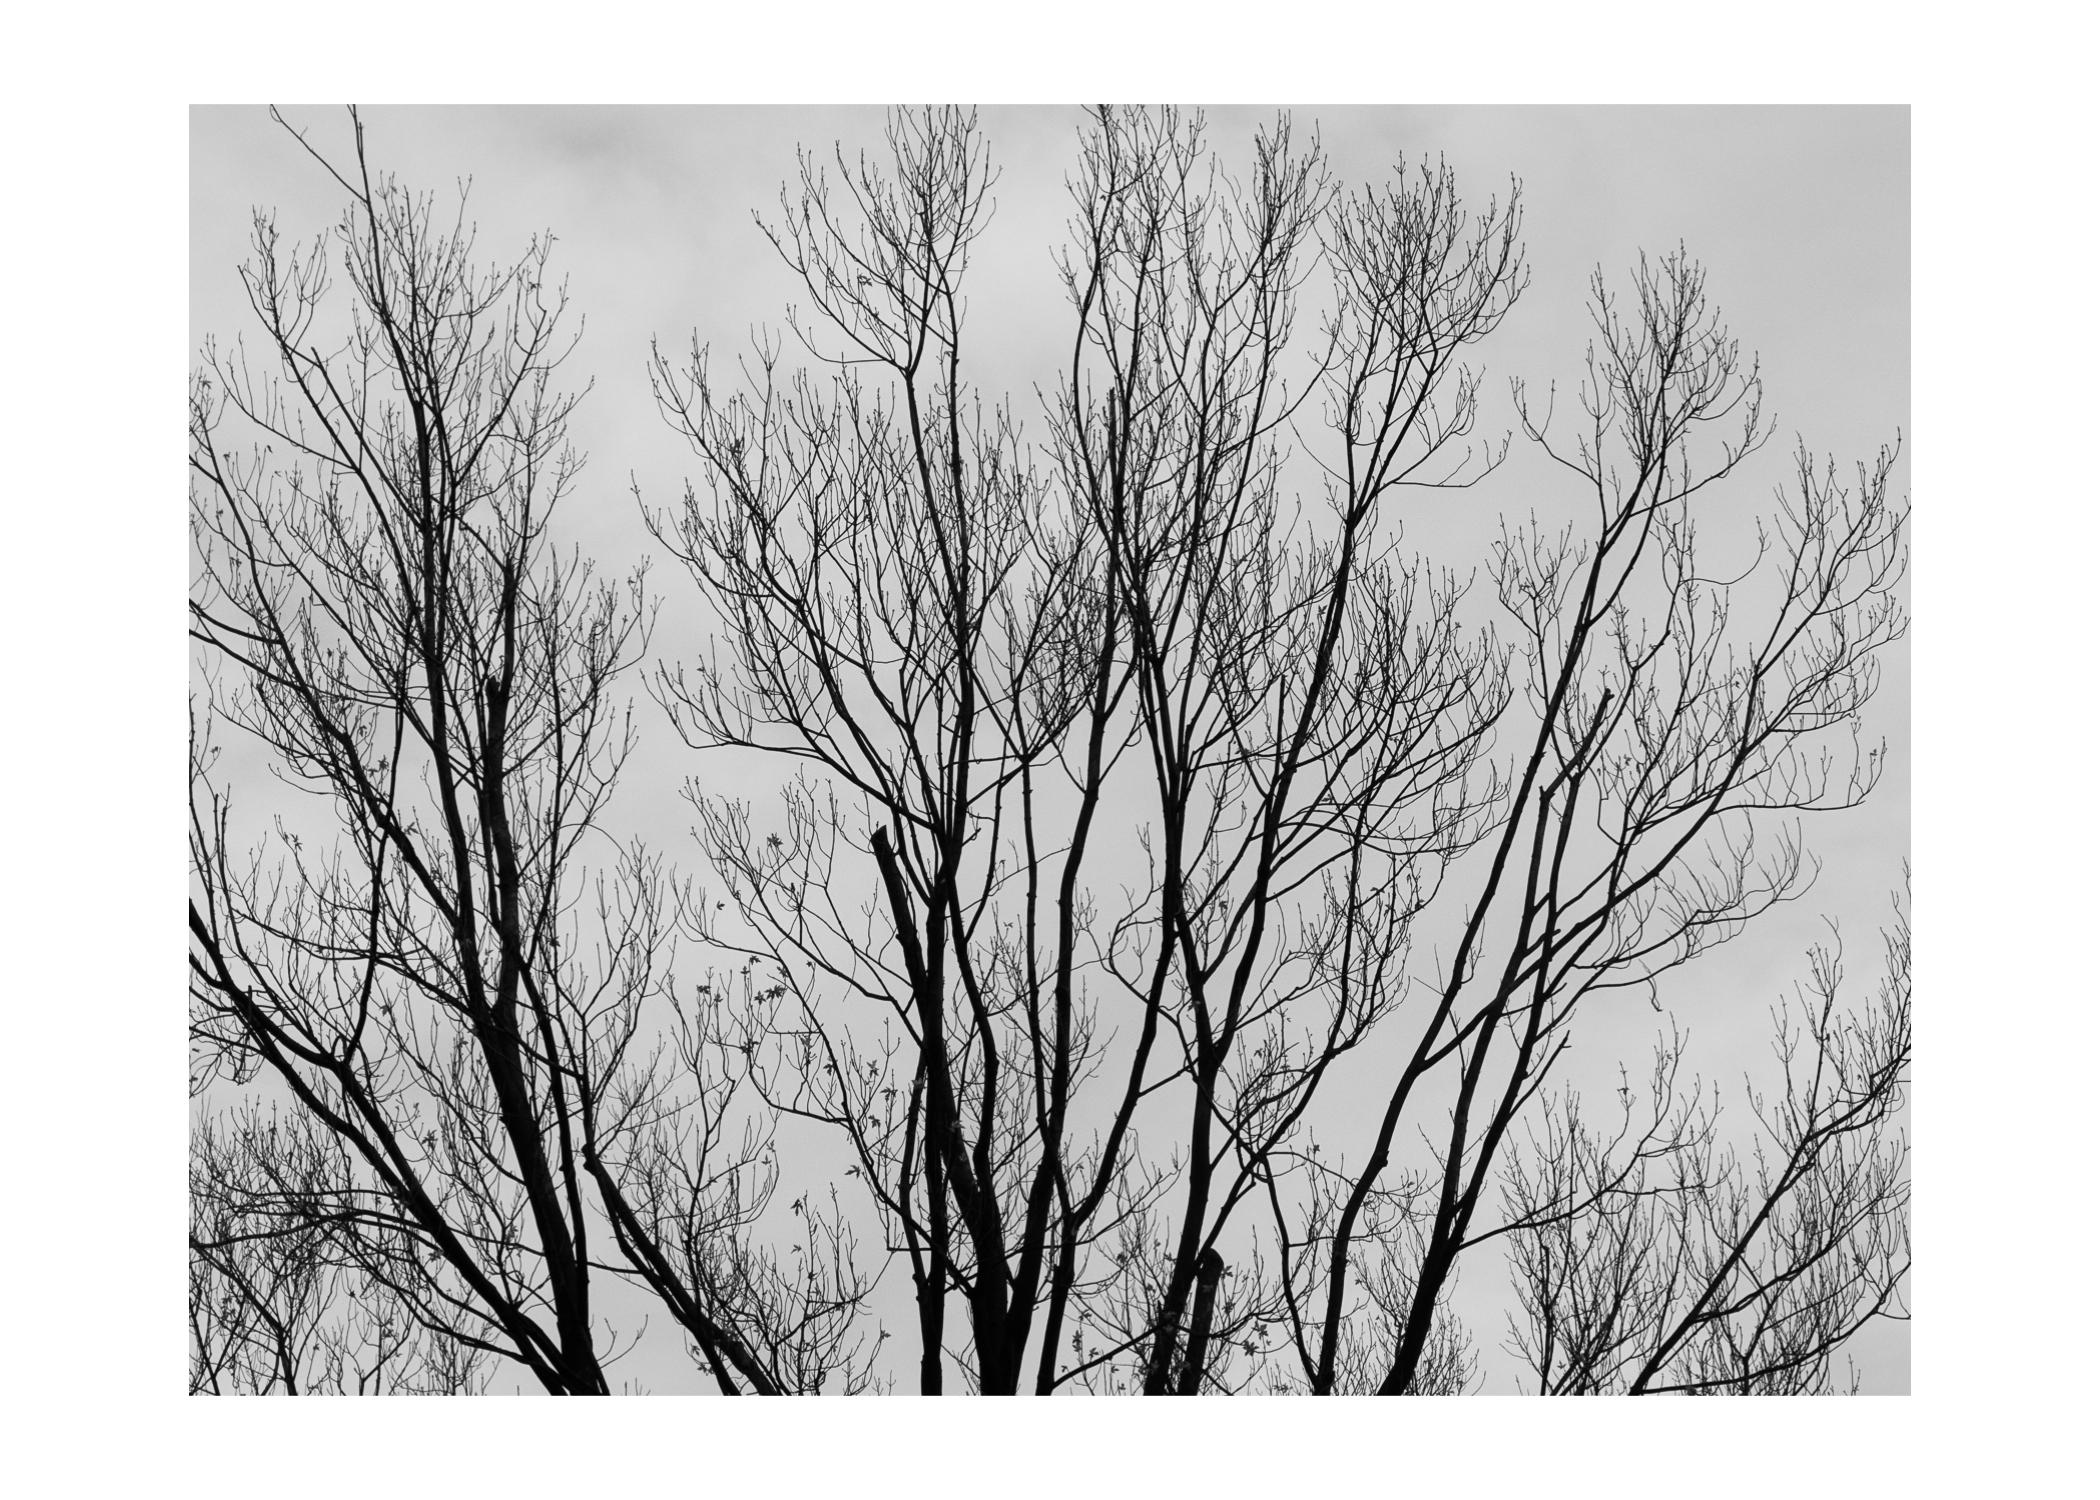 2012 Bomen in tegenlicht